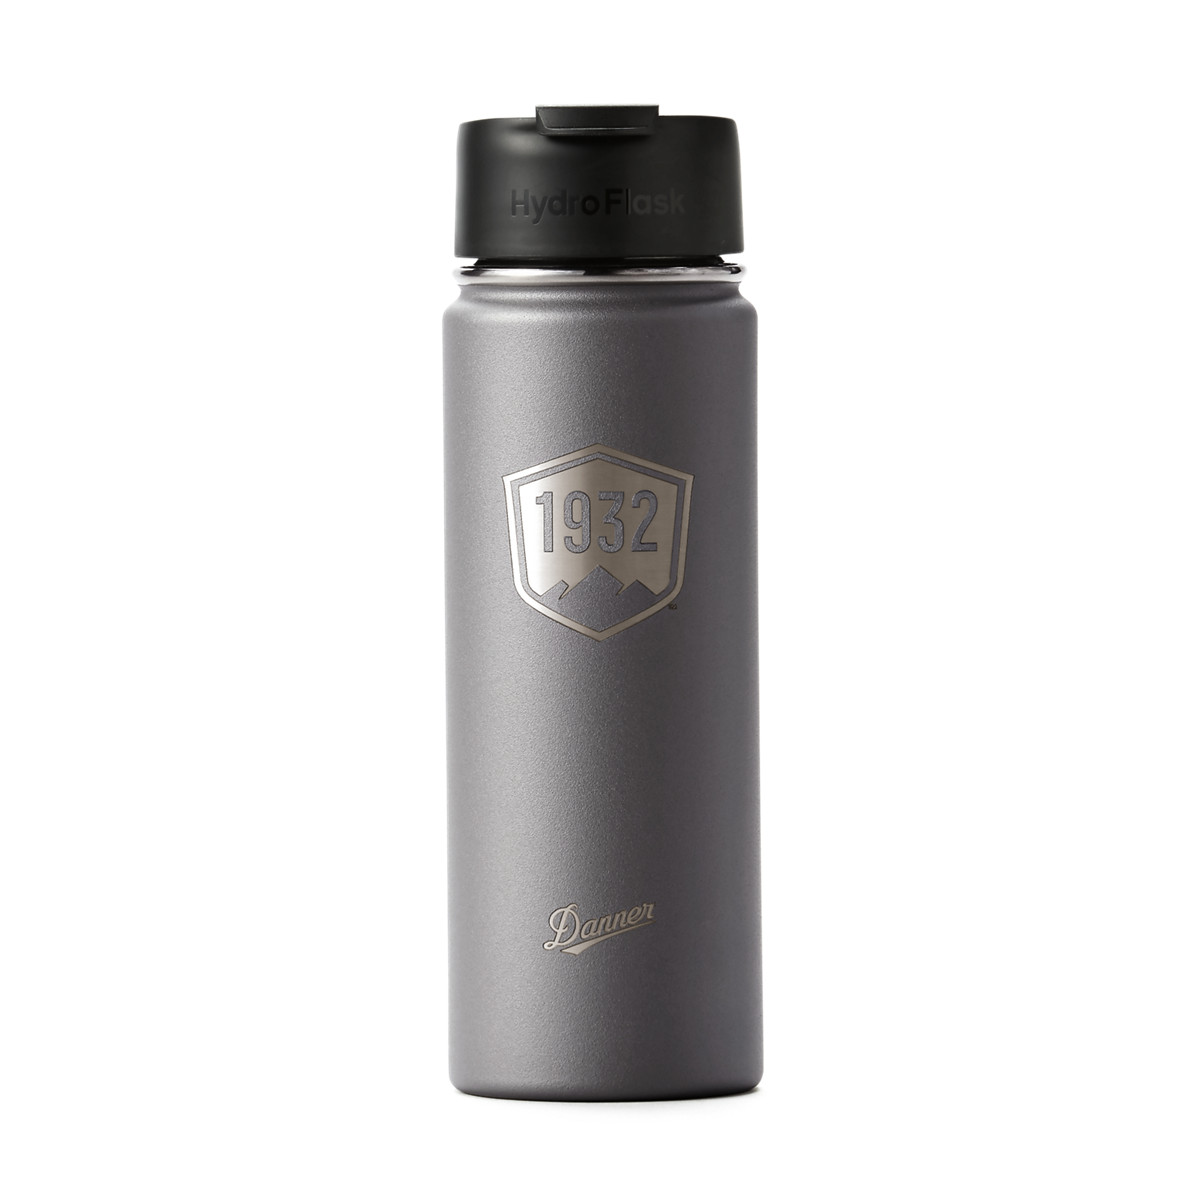 Danner Hydro Flask 20oz - Graphite